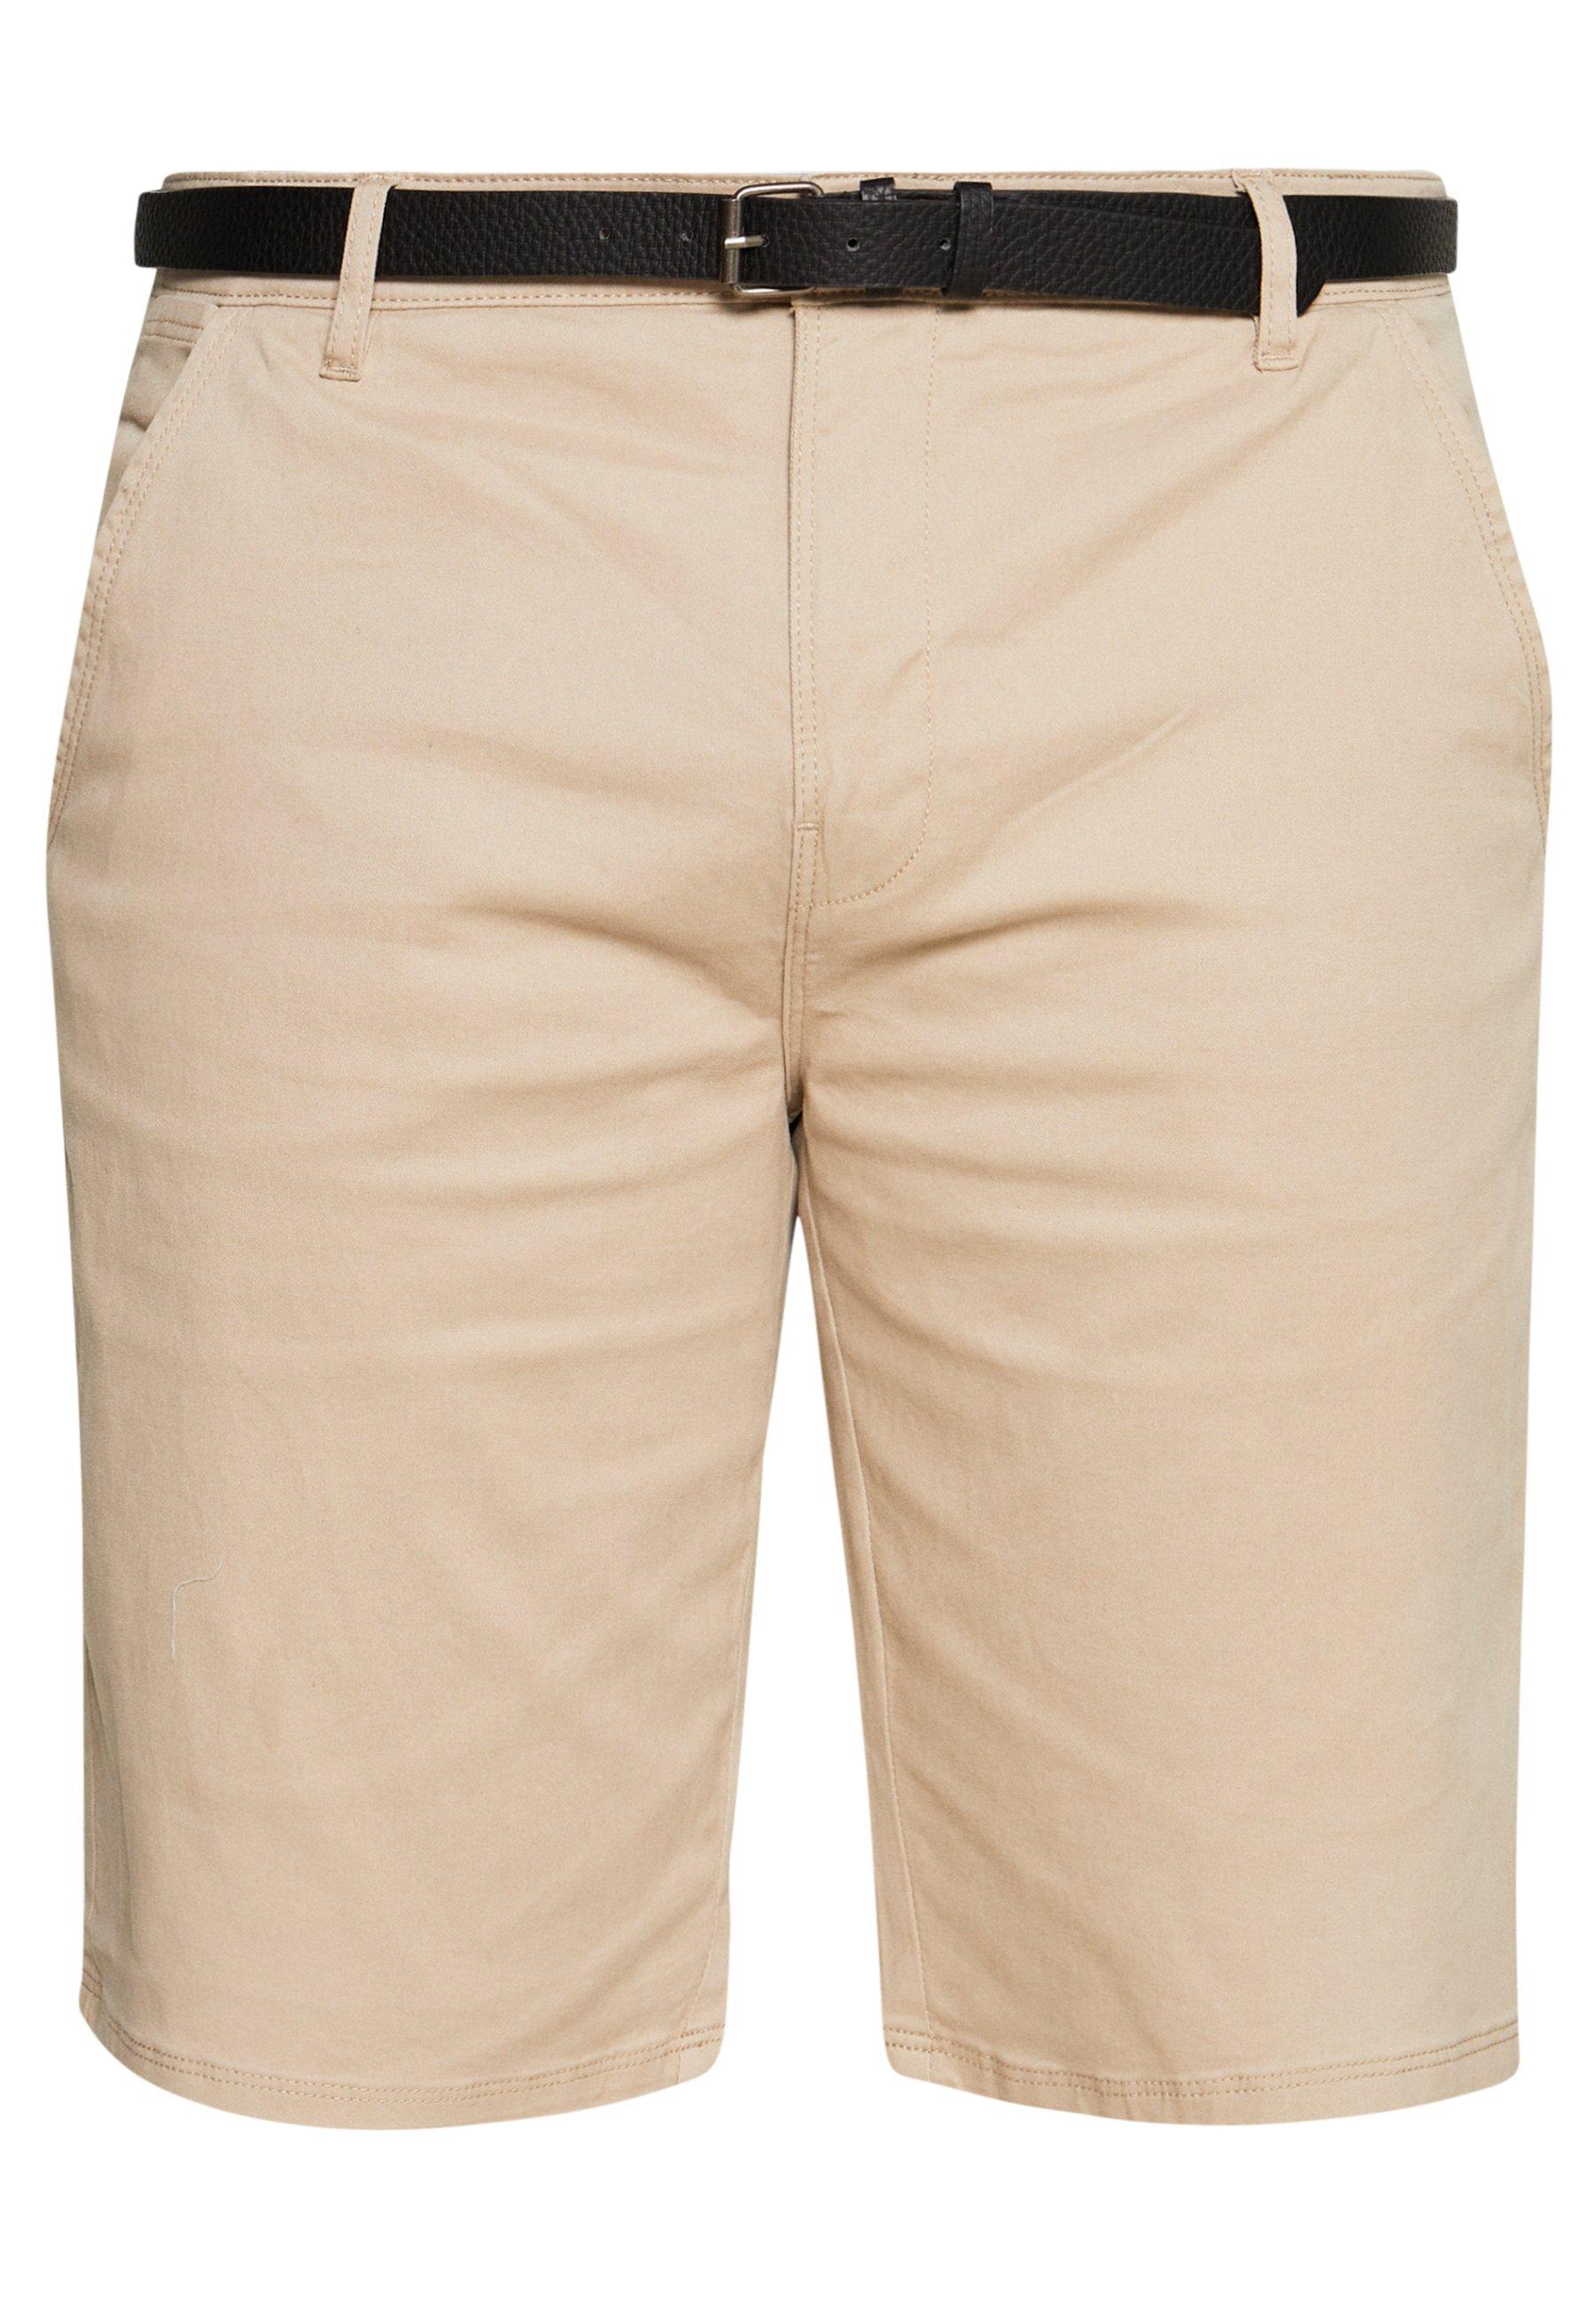 Lindbergh Classic Belt Plus - Shorts Sand UK